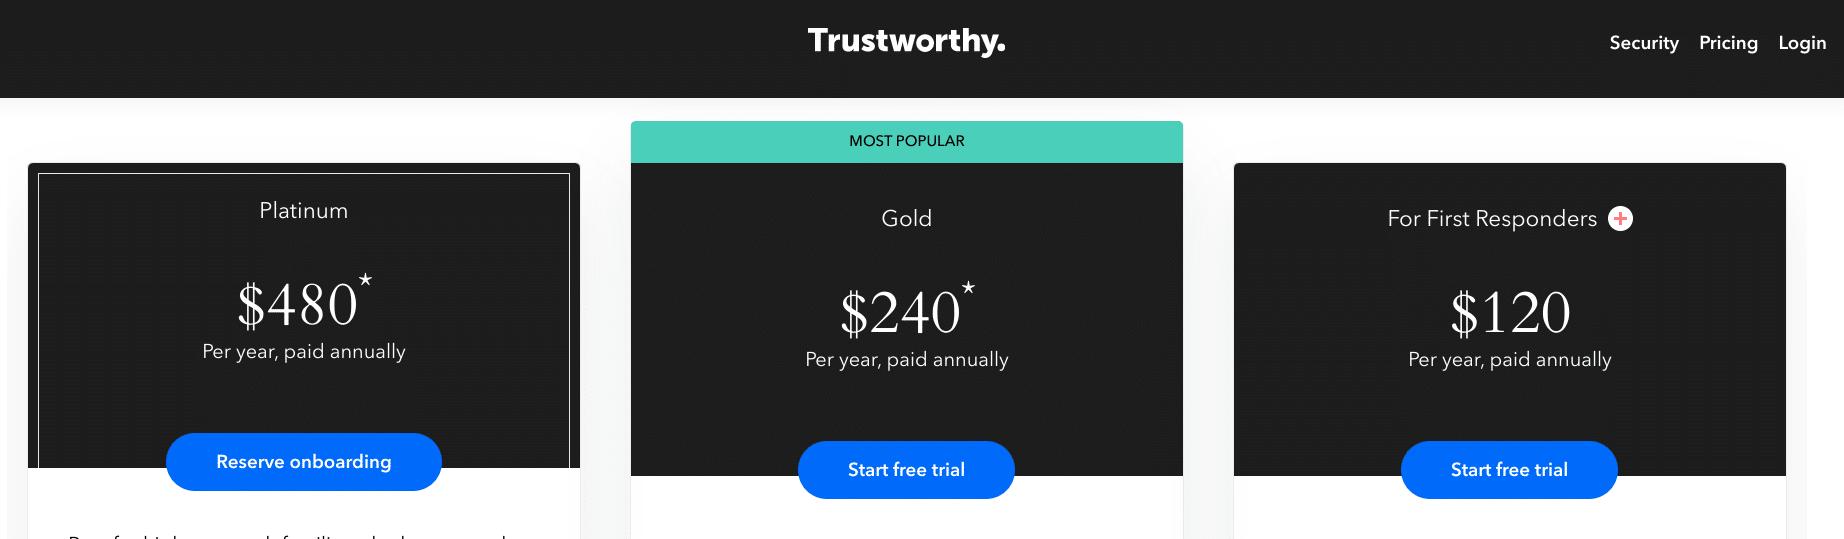 Precios confiables